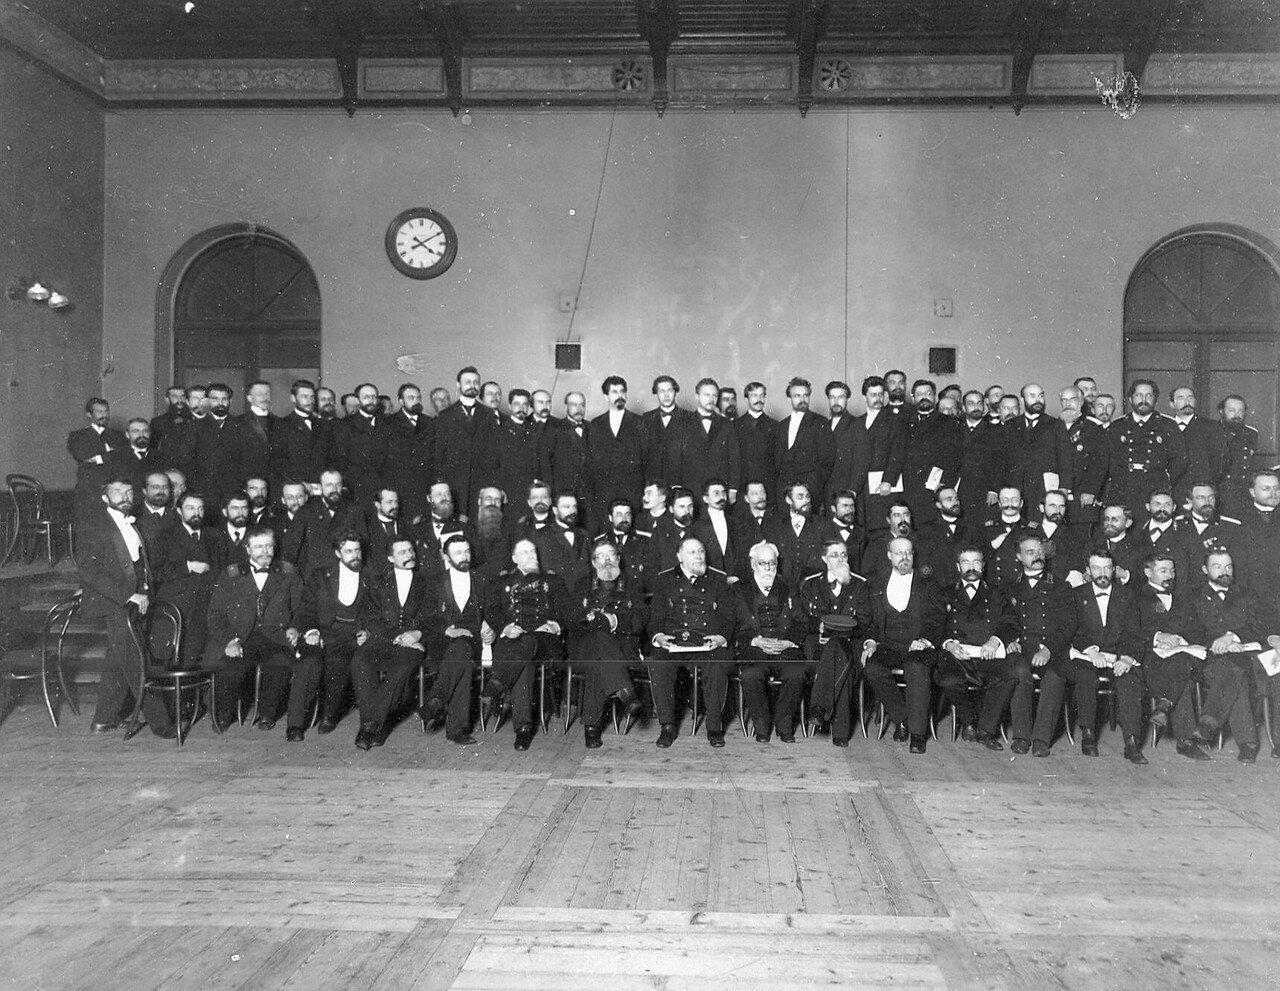 1906. Группа выборщиков в Первую Государственную думу в зале Соляного городка